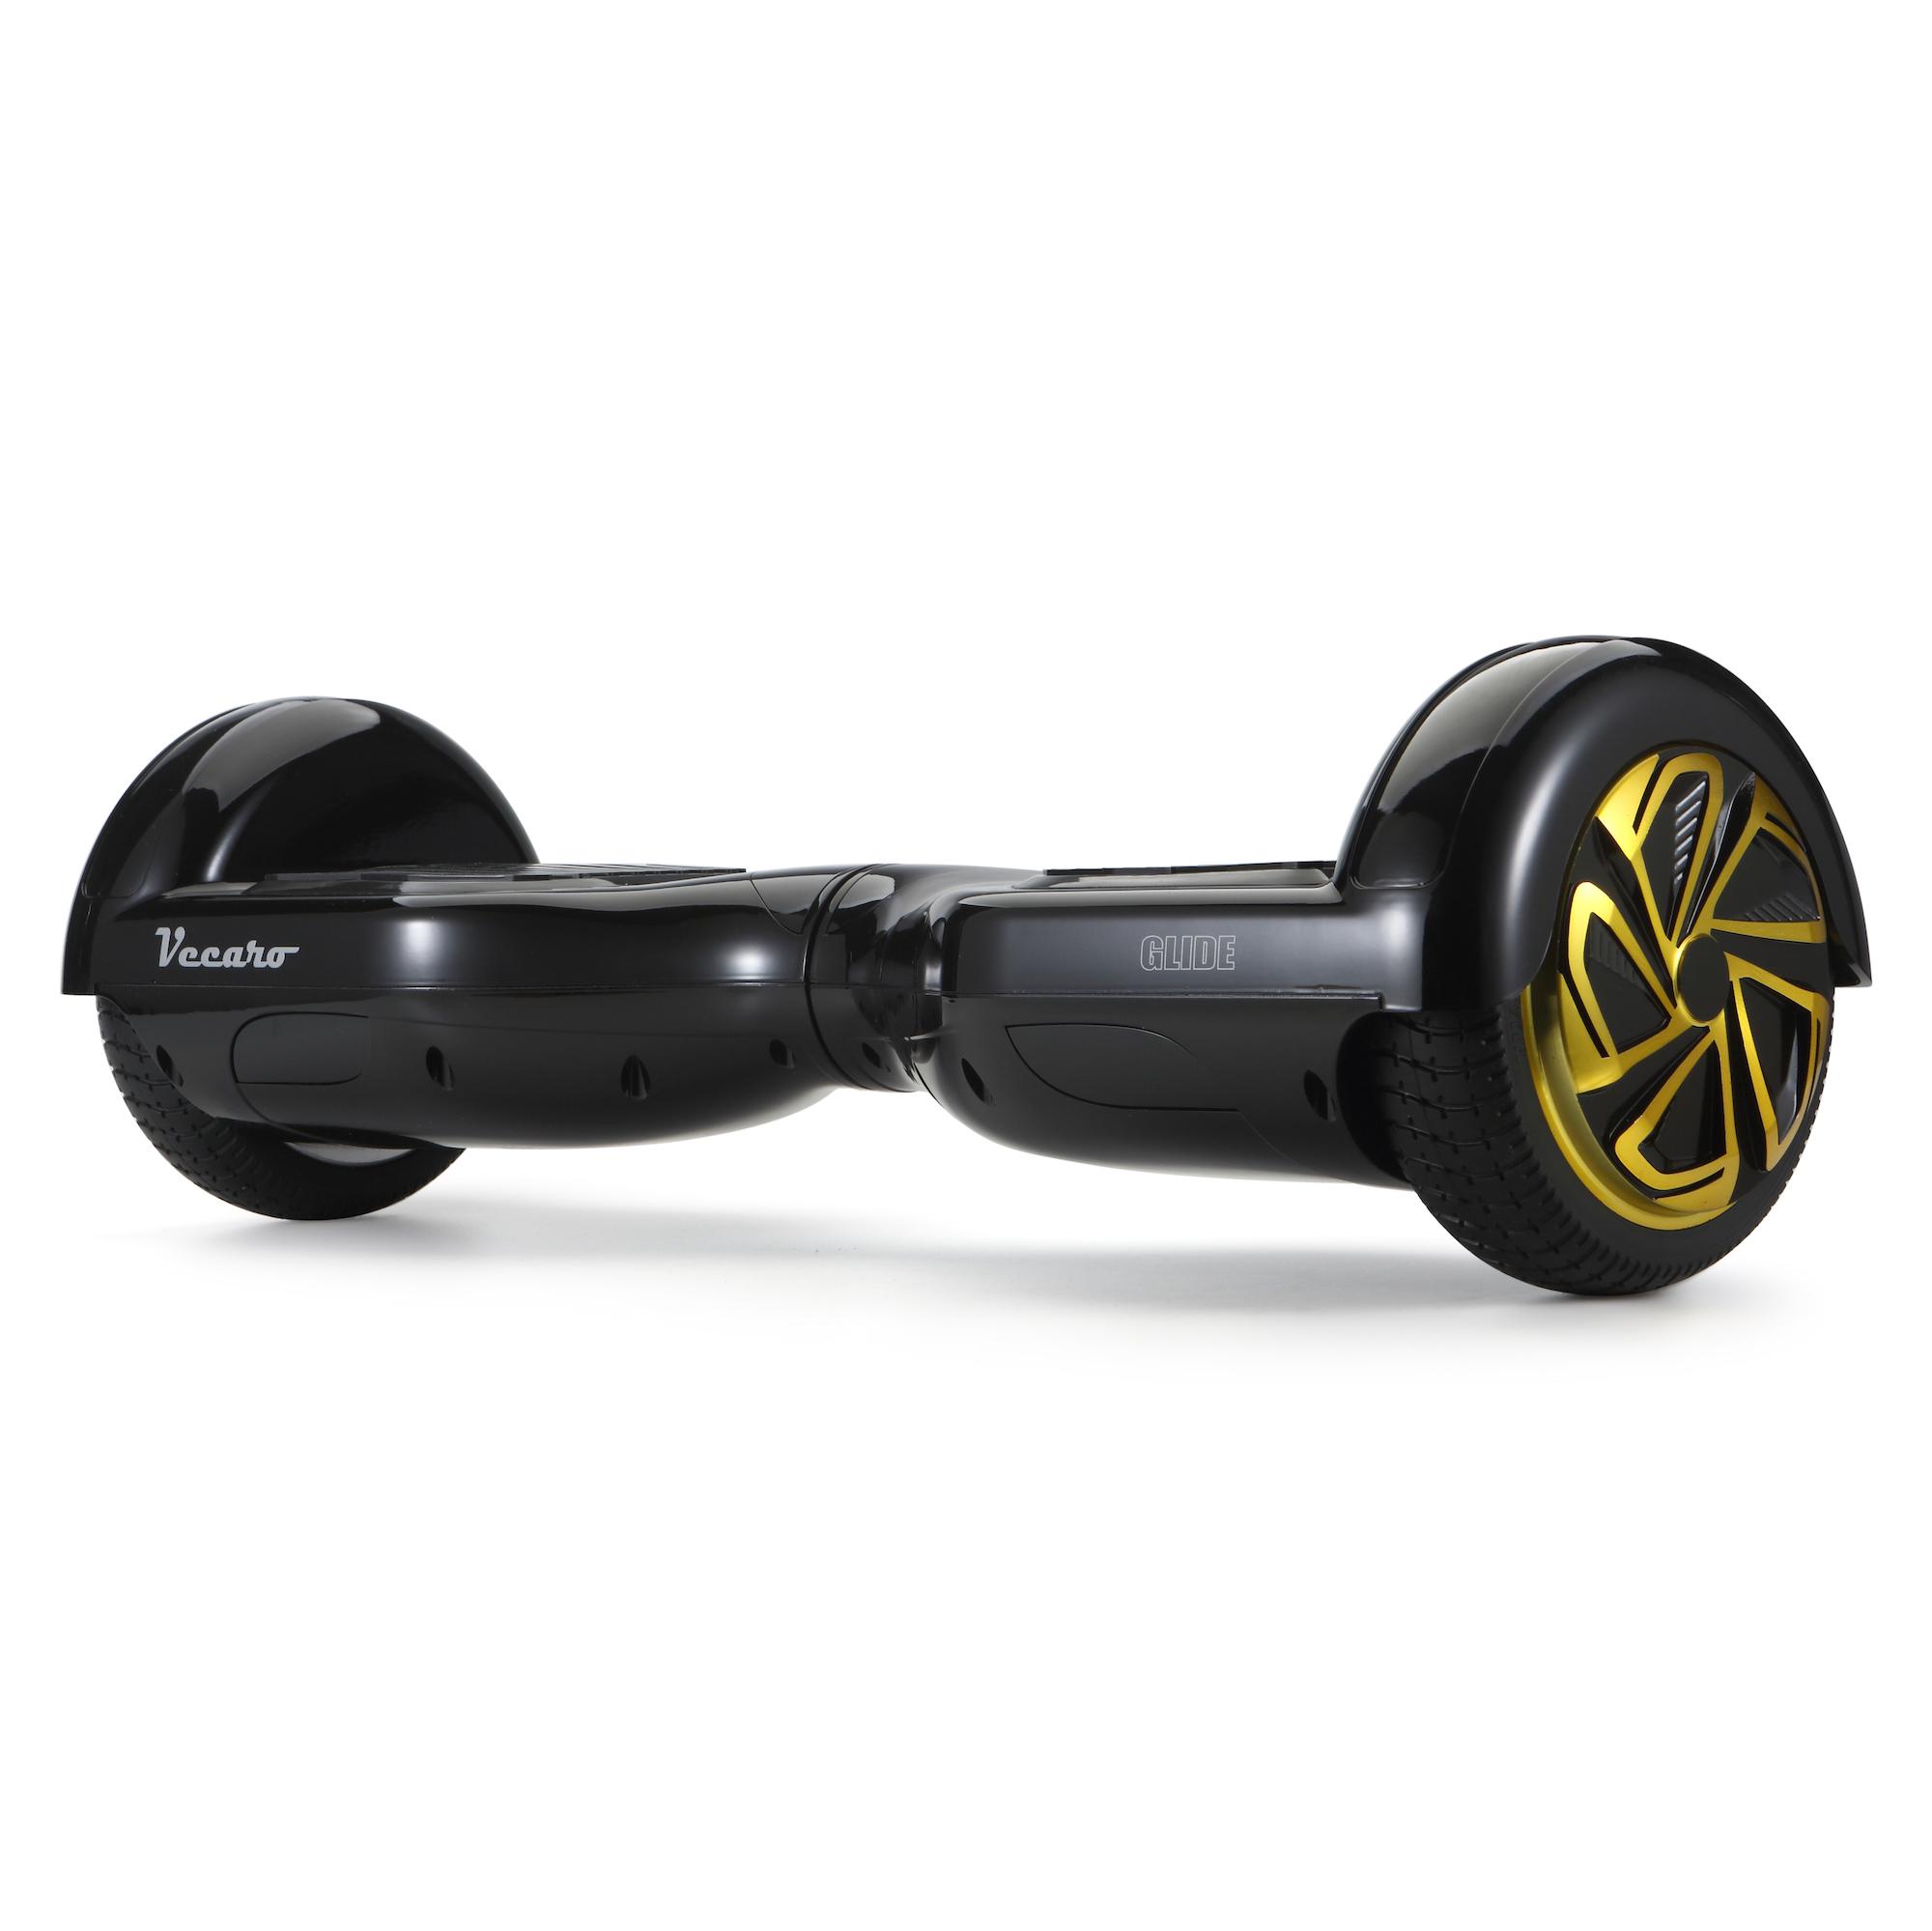 glide x hoverboard black. Black Bedroom Furniture Sets. Home Design Ideas